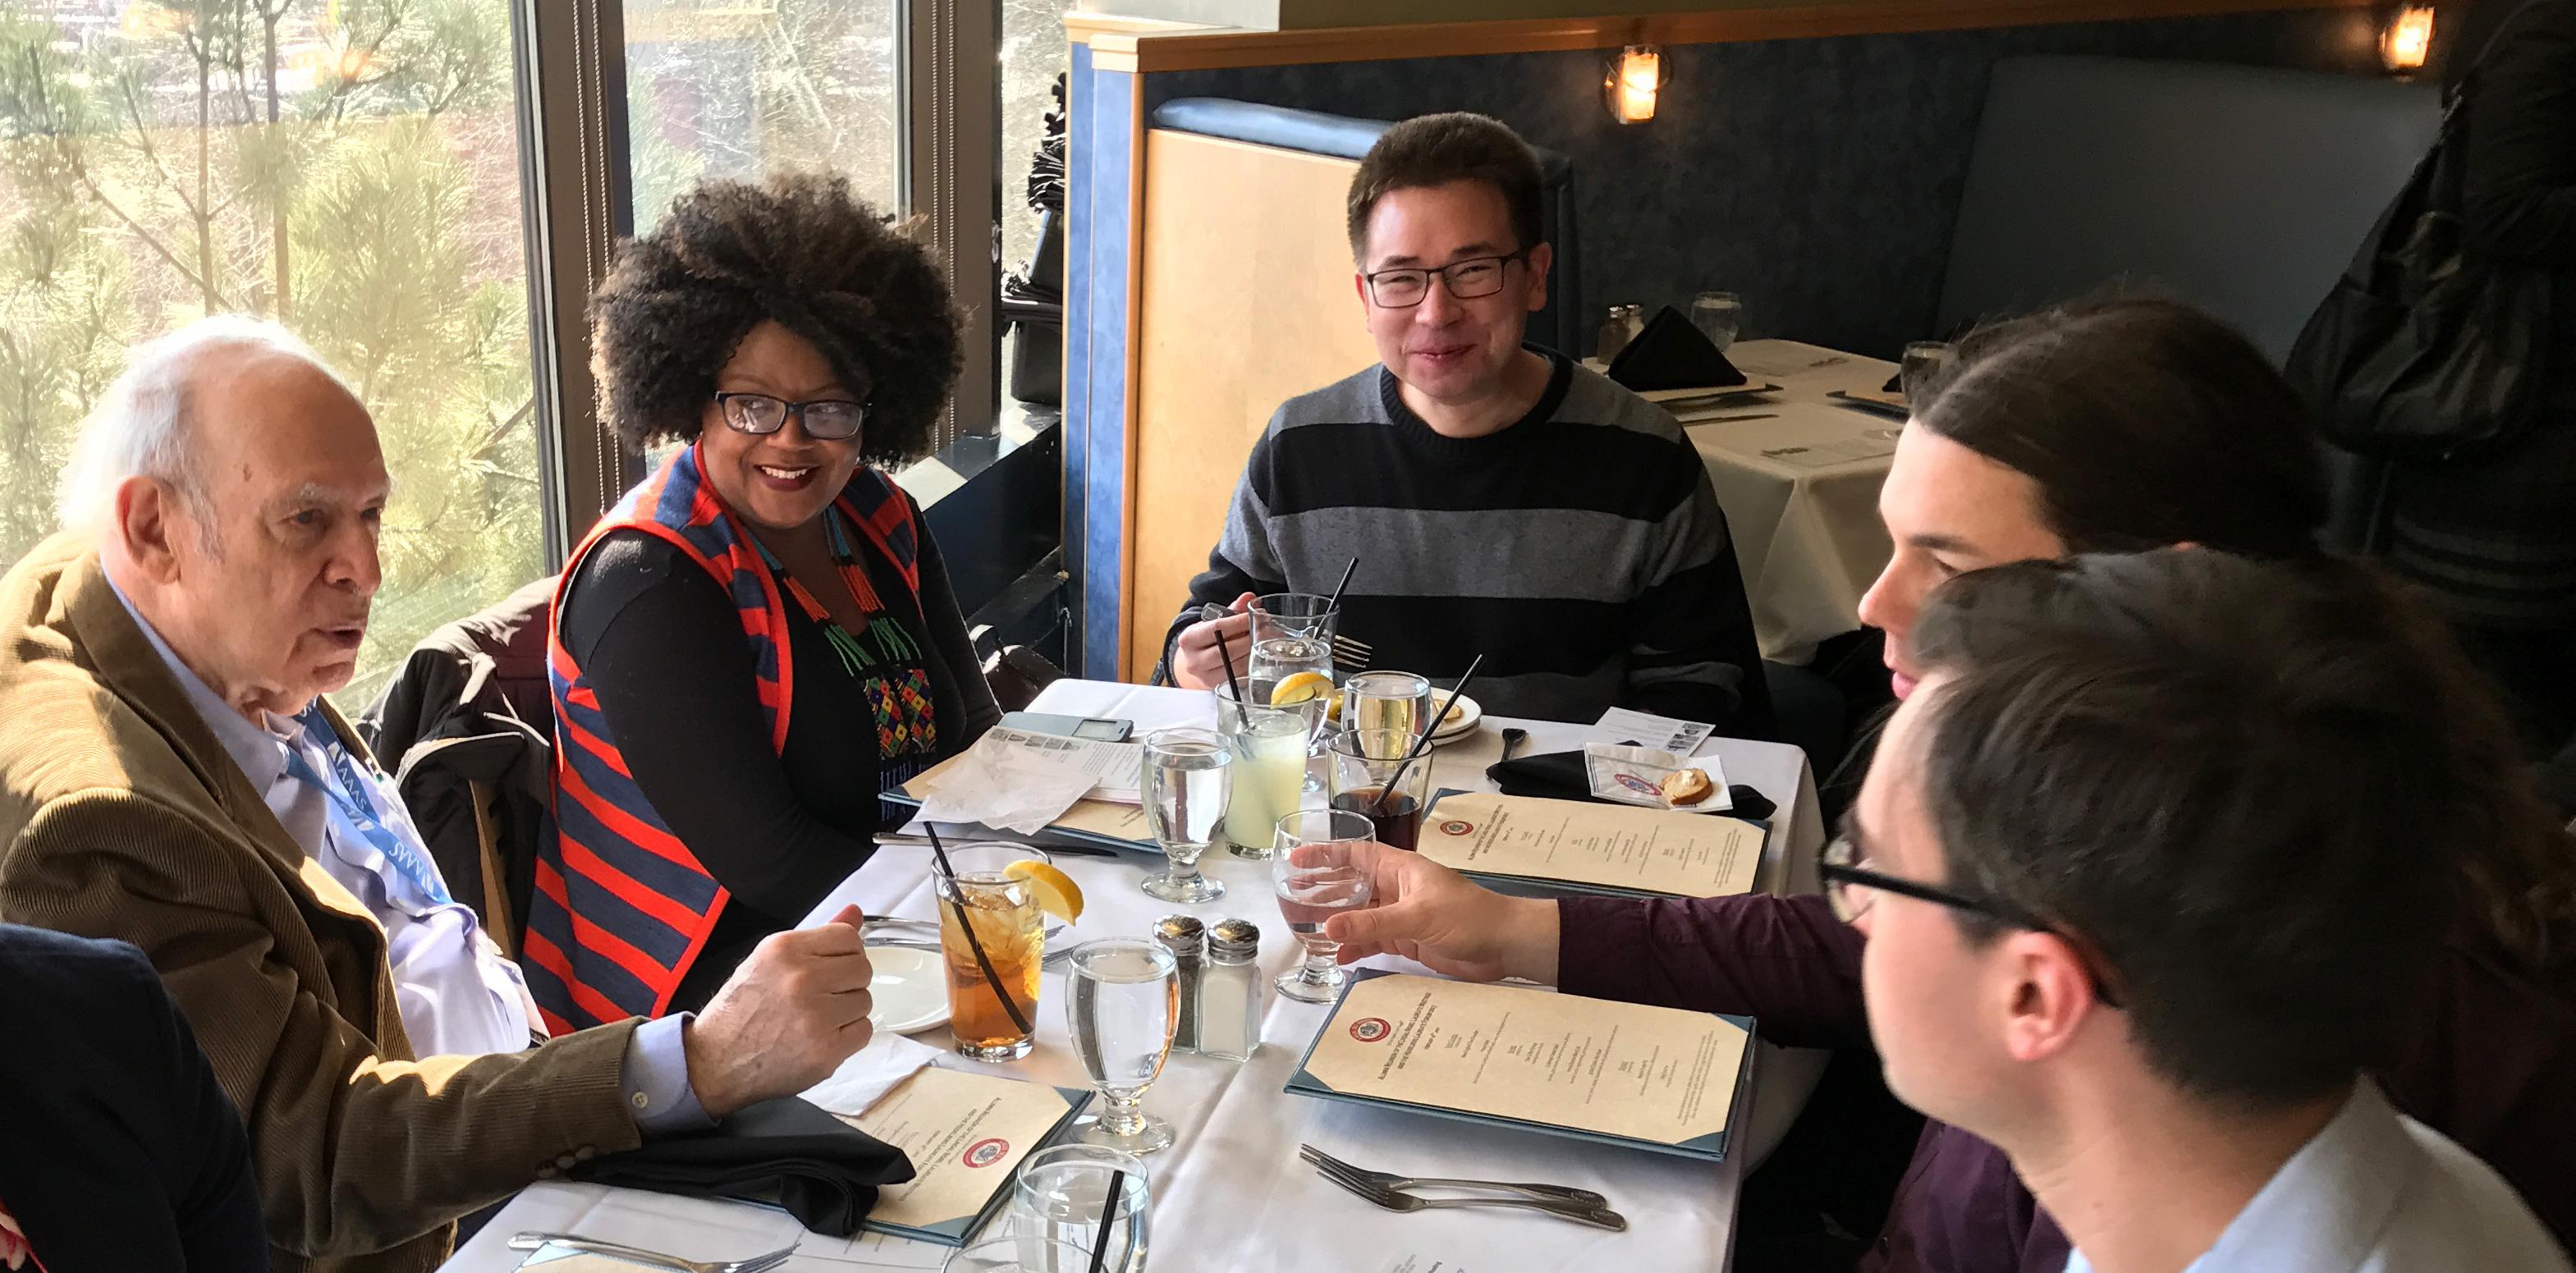 Nobel Laureate Jerome Friedman at the alumni reunion lunch. Photo: Gero von der Stein